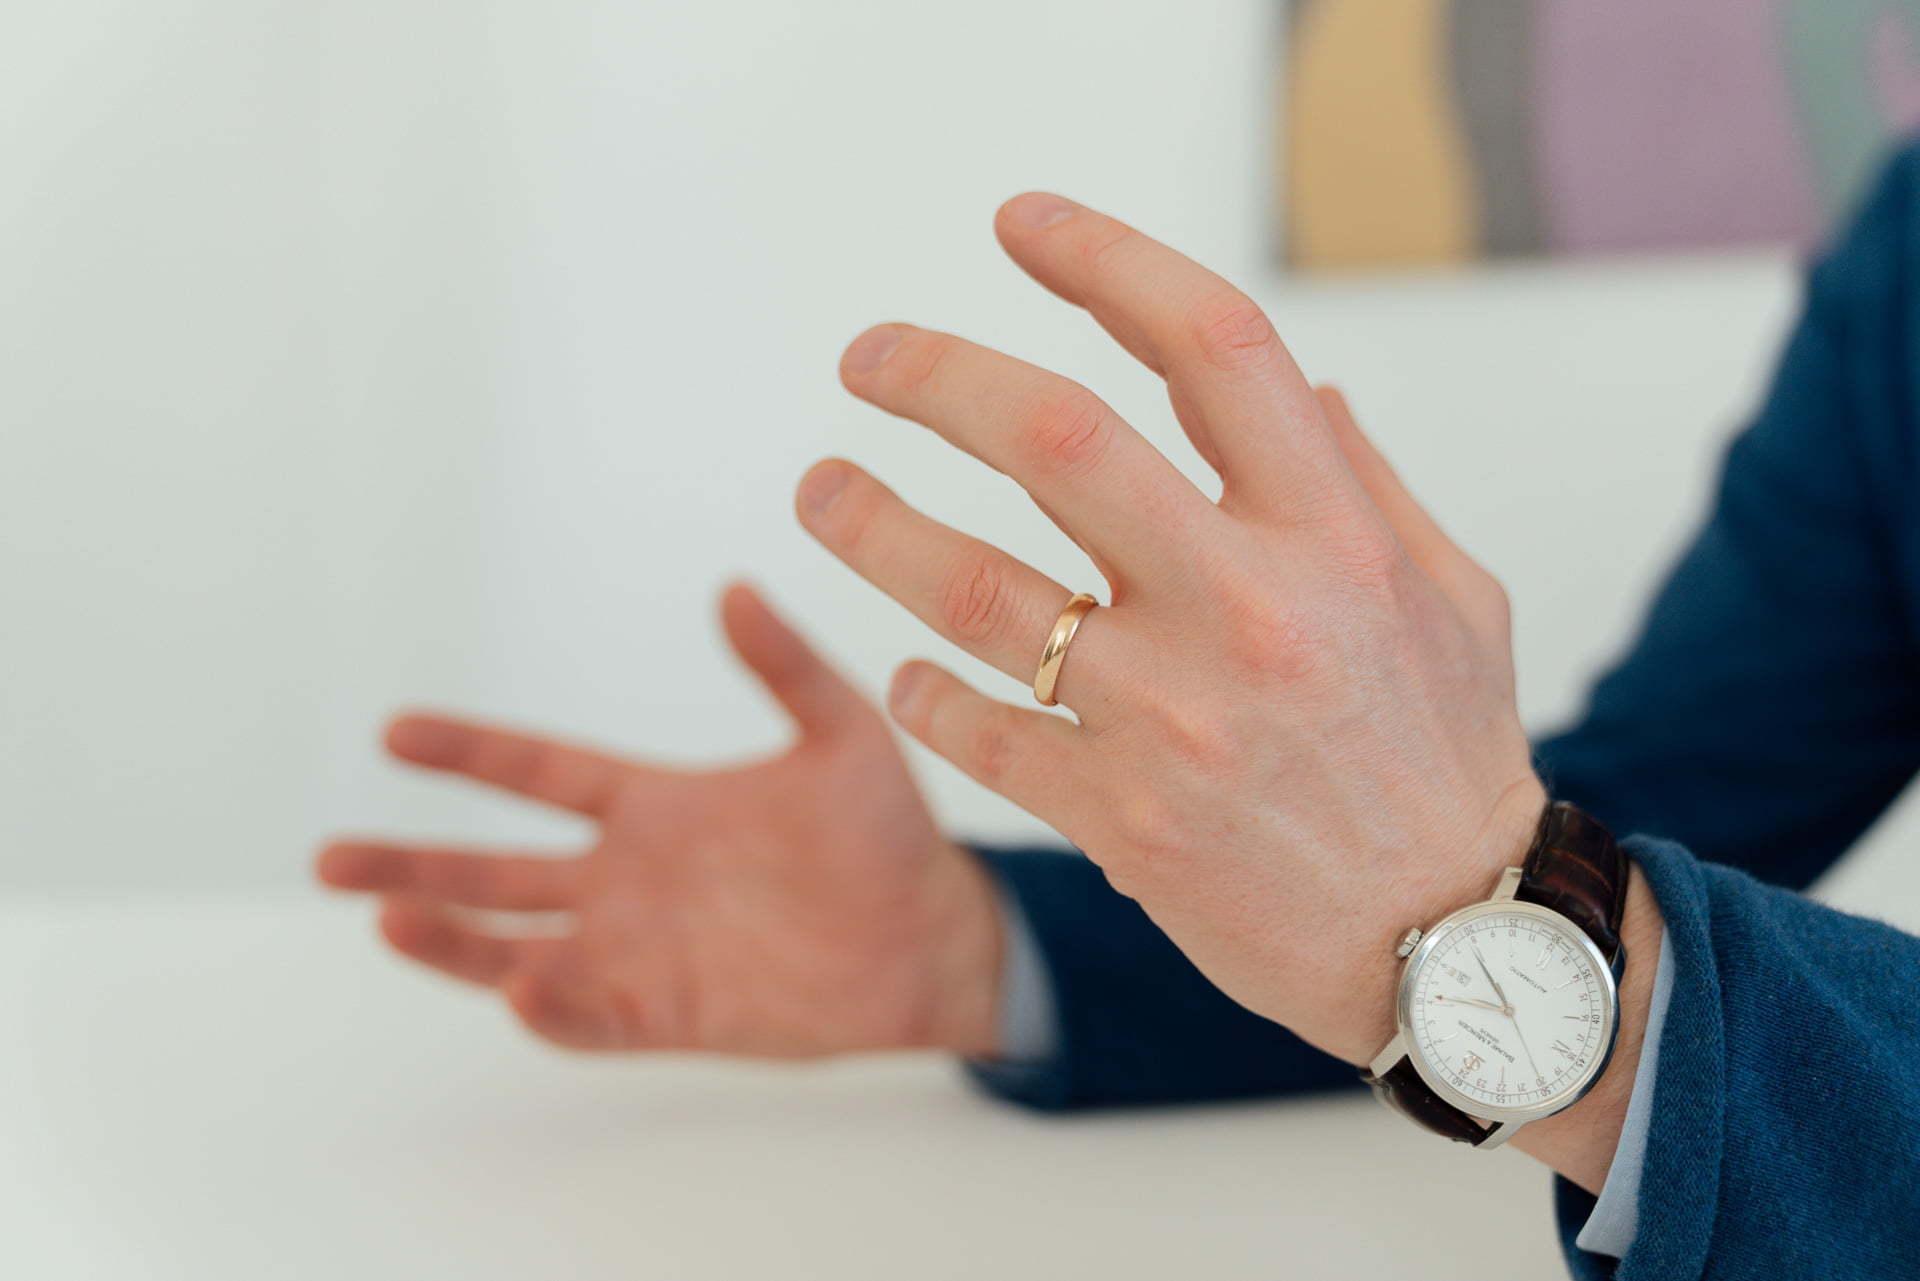 Detailbild von Händen für ein Fotoshooting